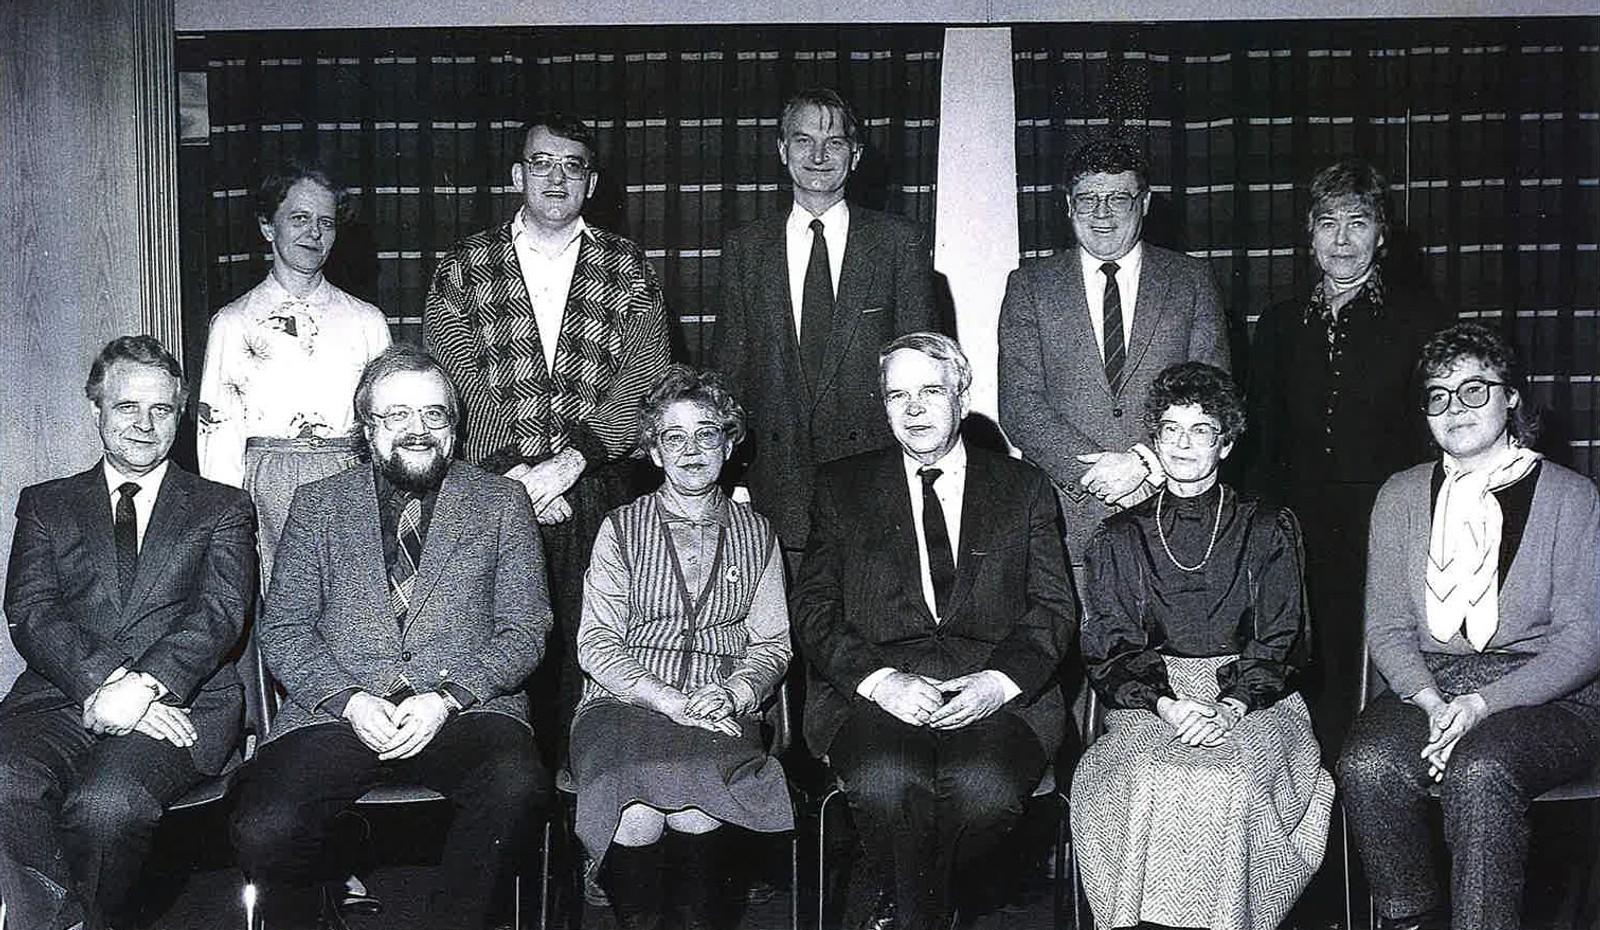 Kringkastingsrådet - Programutvalg 1 - 1986 - 1989: Sittende fra venstre: Jens Vetland, Rolf Berg, Astrid Murberg Martinsen, helge Seip, Tove Berntzen og Solveig Kleven. Stående fra venstre: Berit Oppegaard, Jack Djupvik, Fritjof Frank Gundersen, Per Brunvand, Kari Heir.